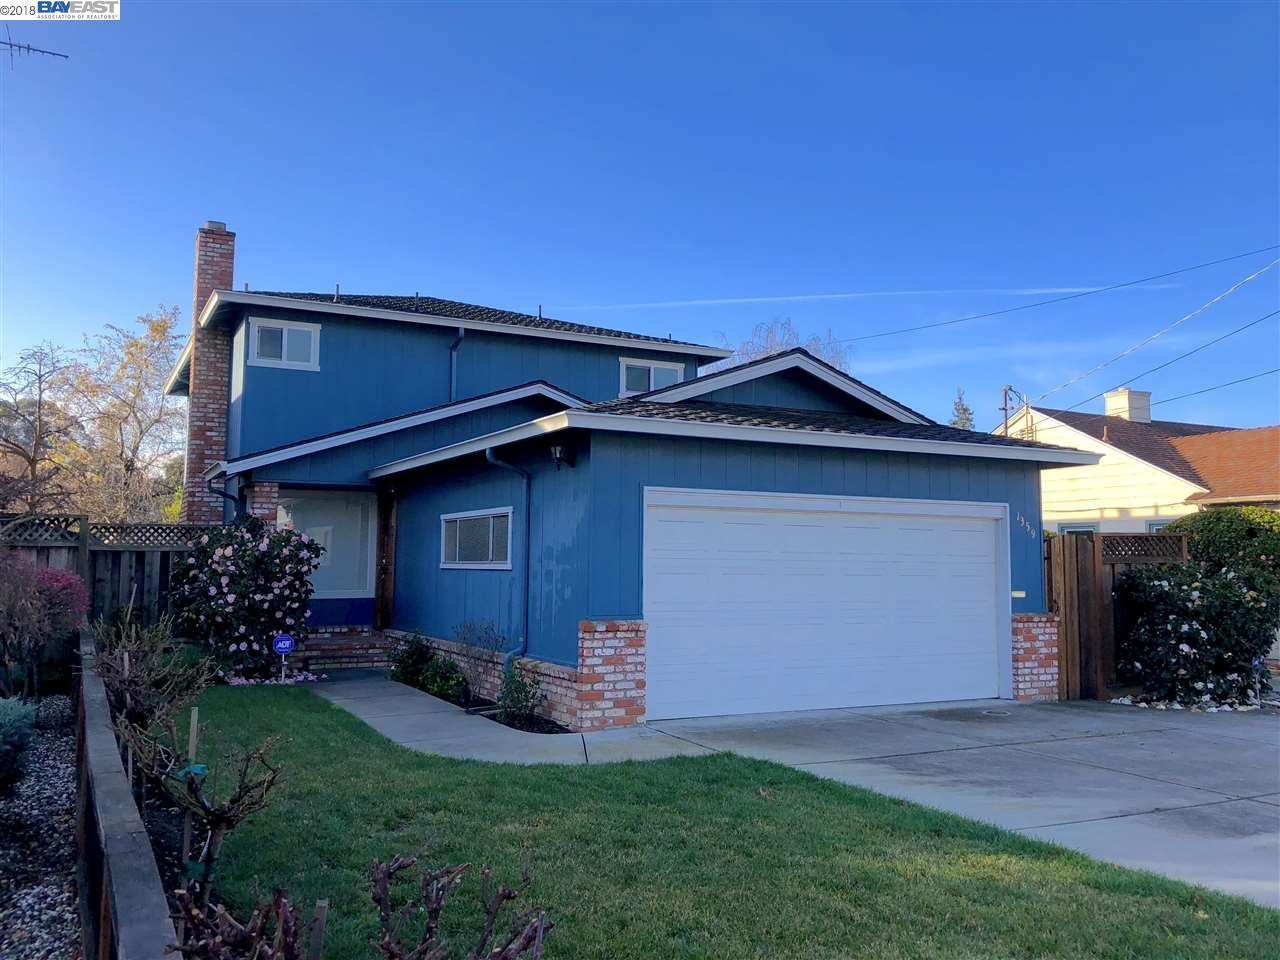 Частный односемейный дом для того Аренда на 1359 DUTTON Avenue 1359 DUTTON Avenue San Leandro, Калифорния 94577 Соединенные Штаты